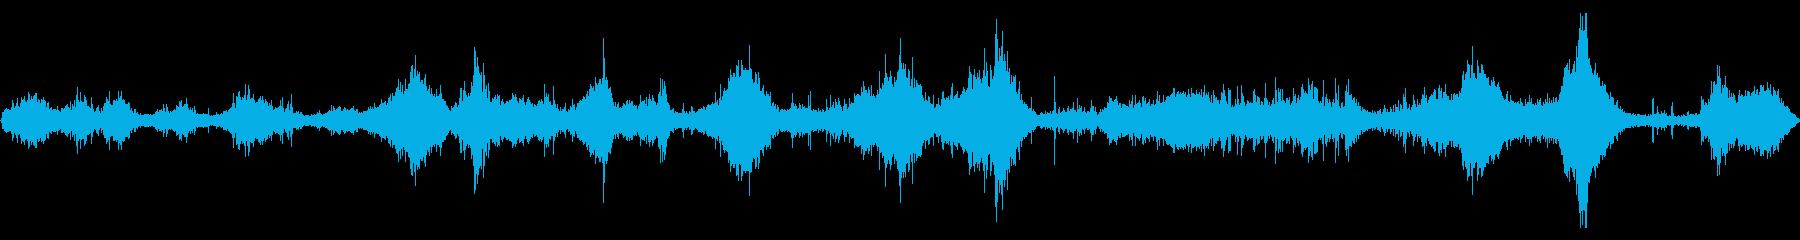 穏やかな海の波の音です。の再生済みの波形